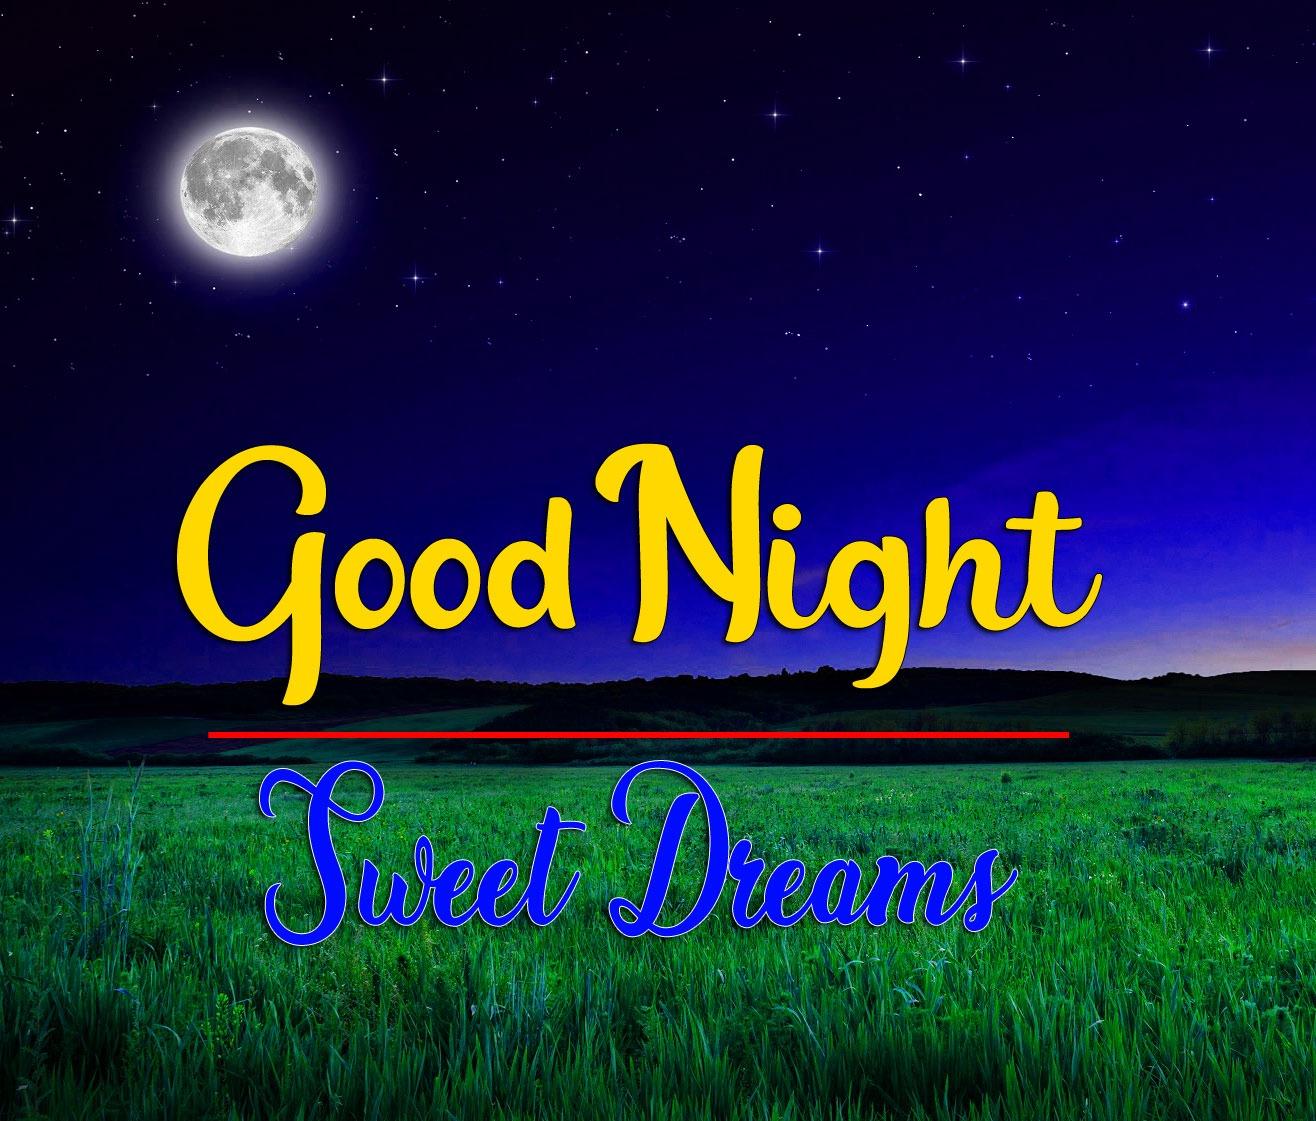 Free HD Good Night Wallpaper